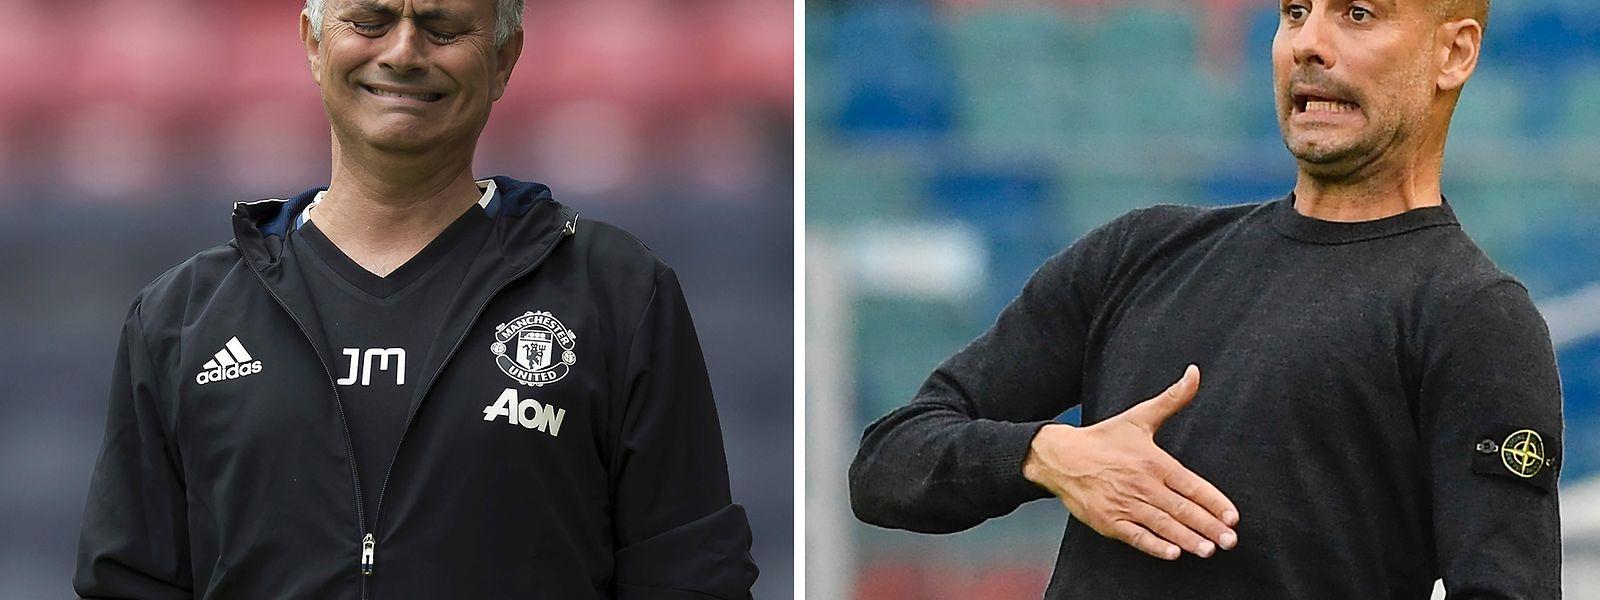 José Mourinho und Pep Guardiola treffen am Samstag aufeinander.